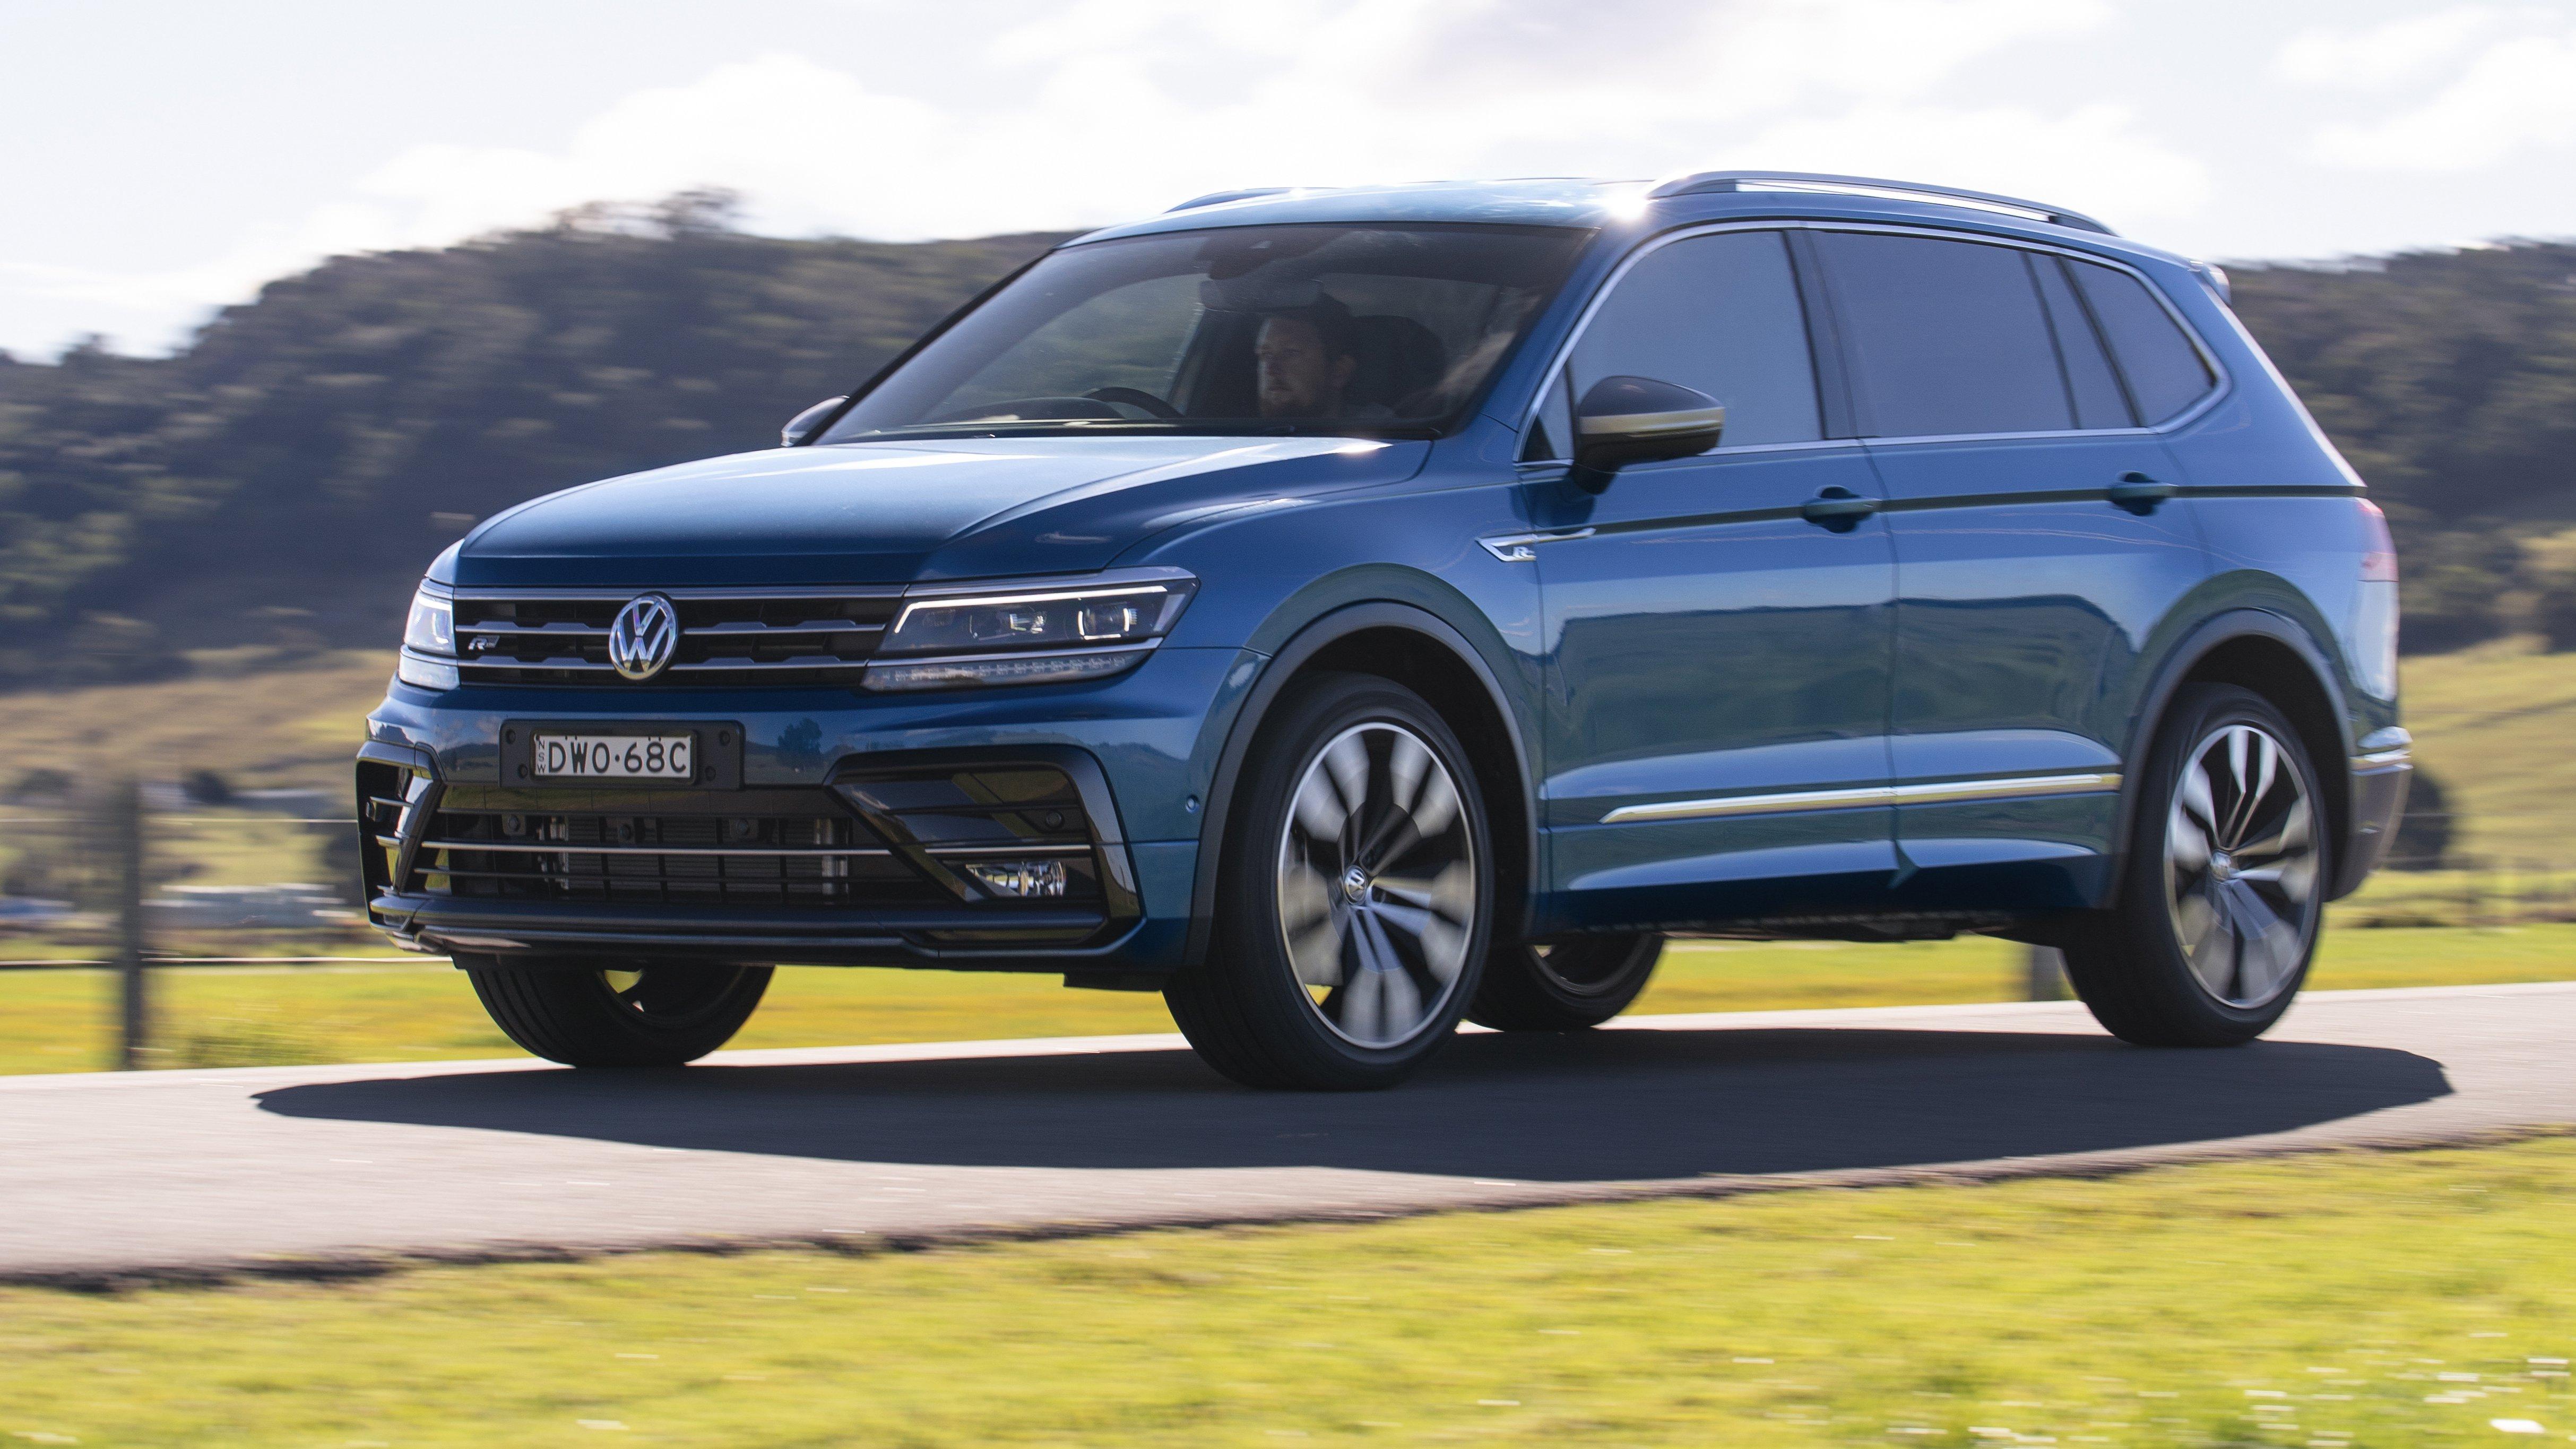 2019 Volkswagen Tiguan Overview, Interior & Exterior >> 2019 Volkswagen Tiguan Allspace Review Caradvice